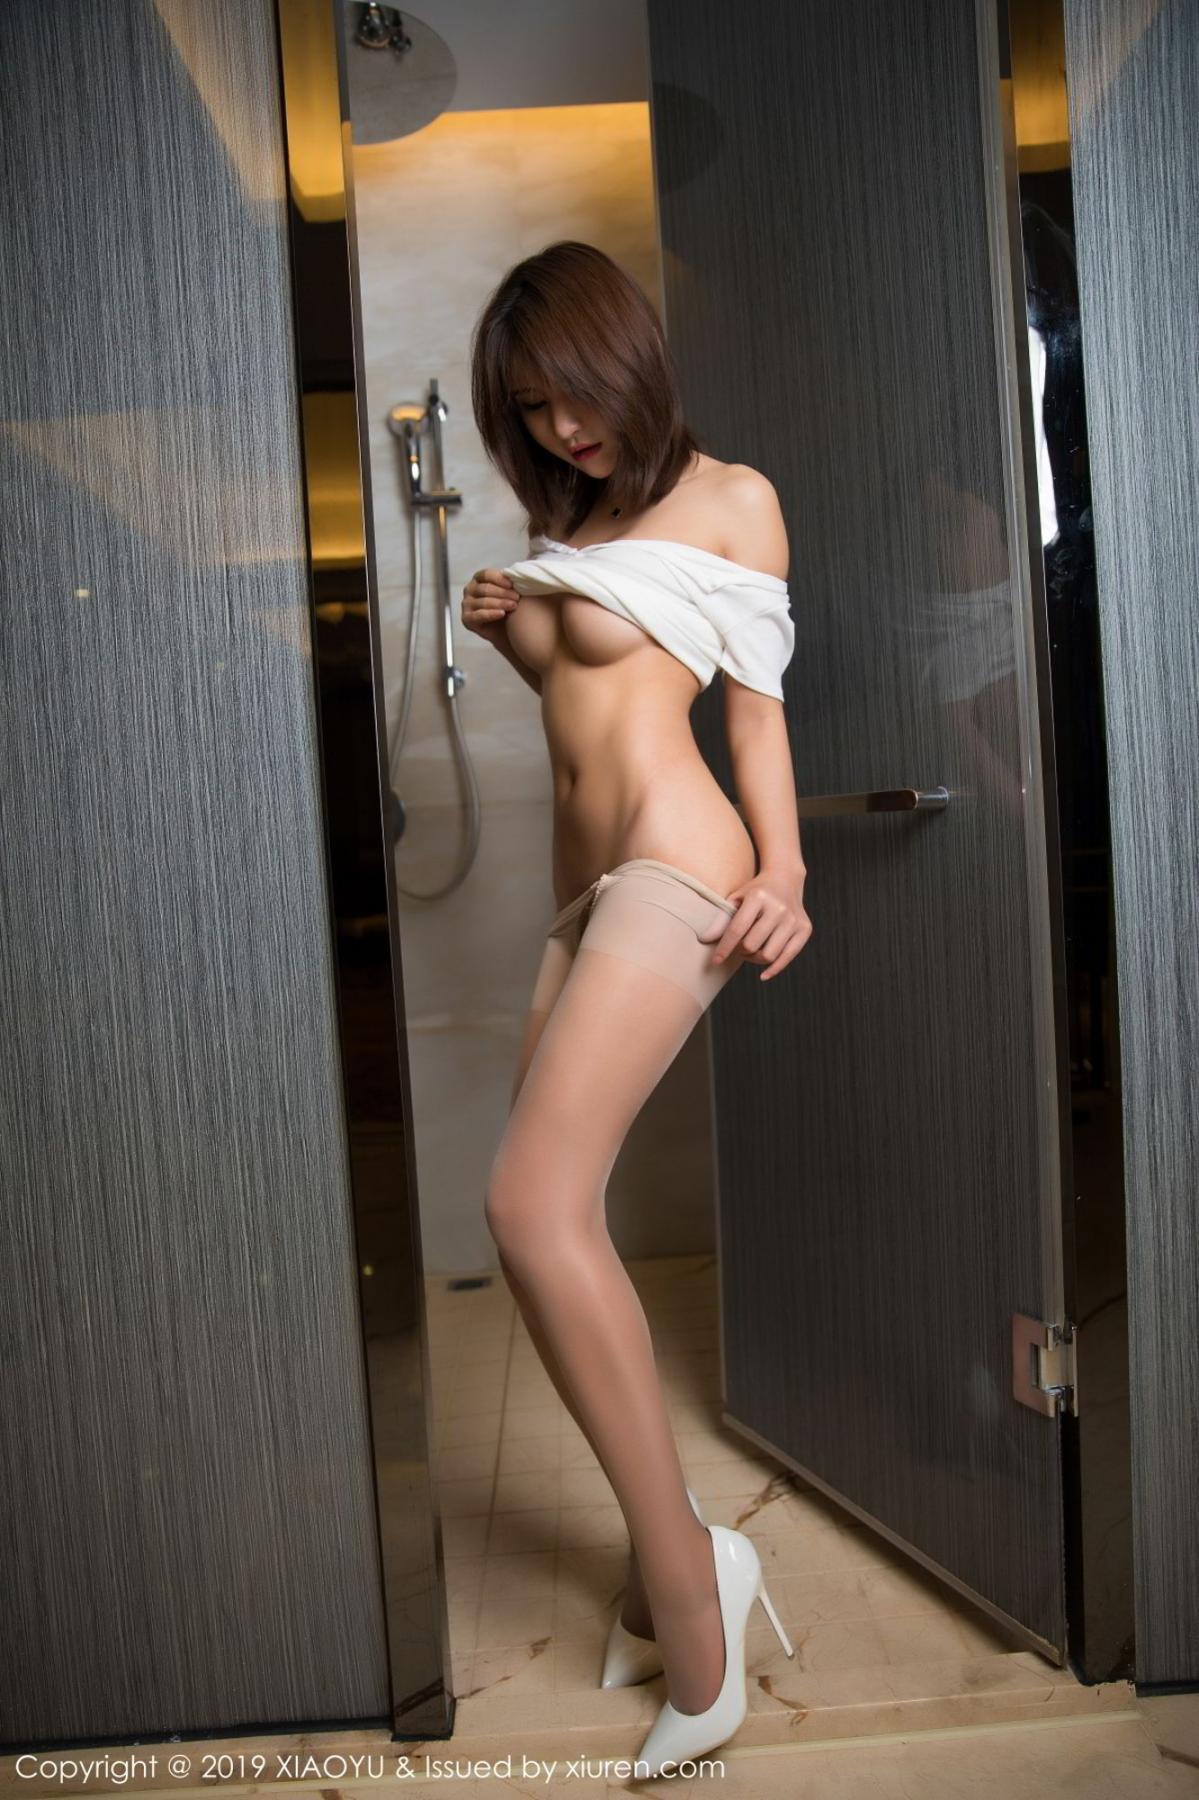 [XiaoYu] Vol.112 Solo Yi Fei 59P, Solo Yi Fei, Underwear, XiaoYu